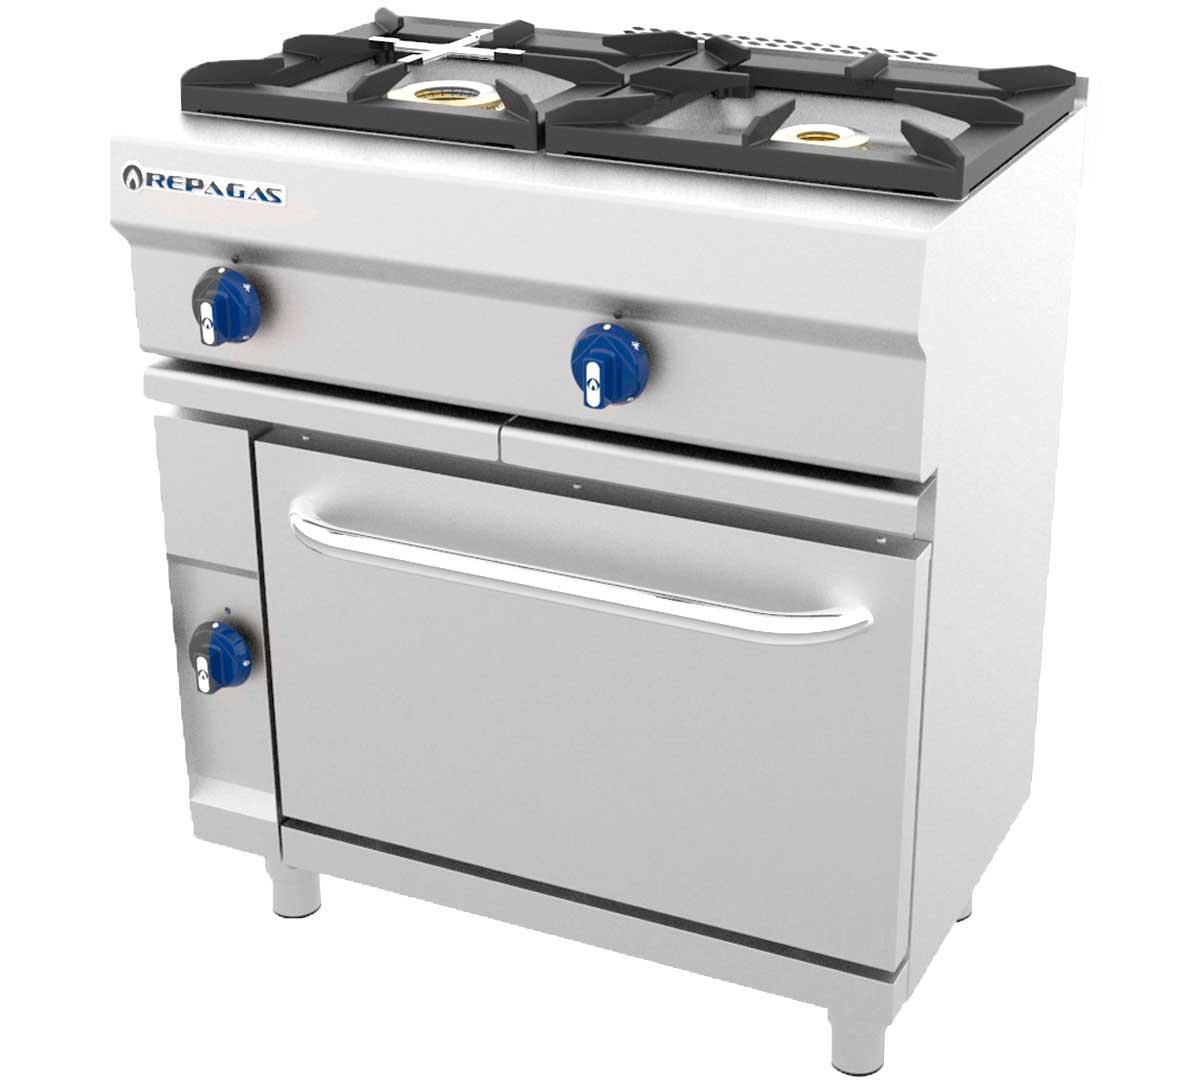 Cocina repagas serie 550 horno - Fogones a gas ...